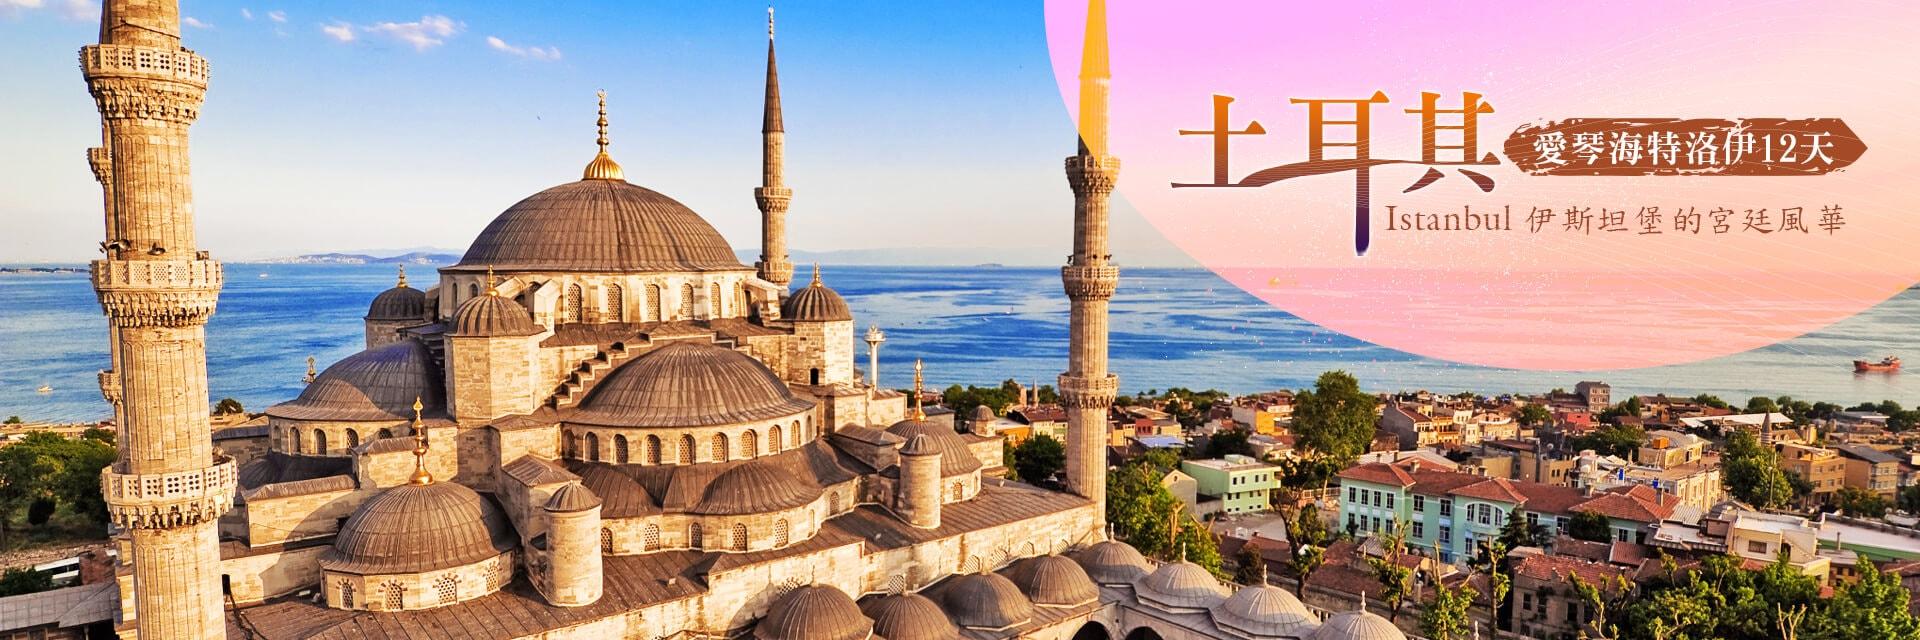 土耳其、秘境、伊斯坦堡